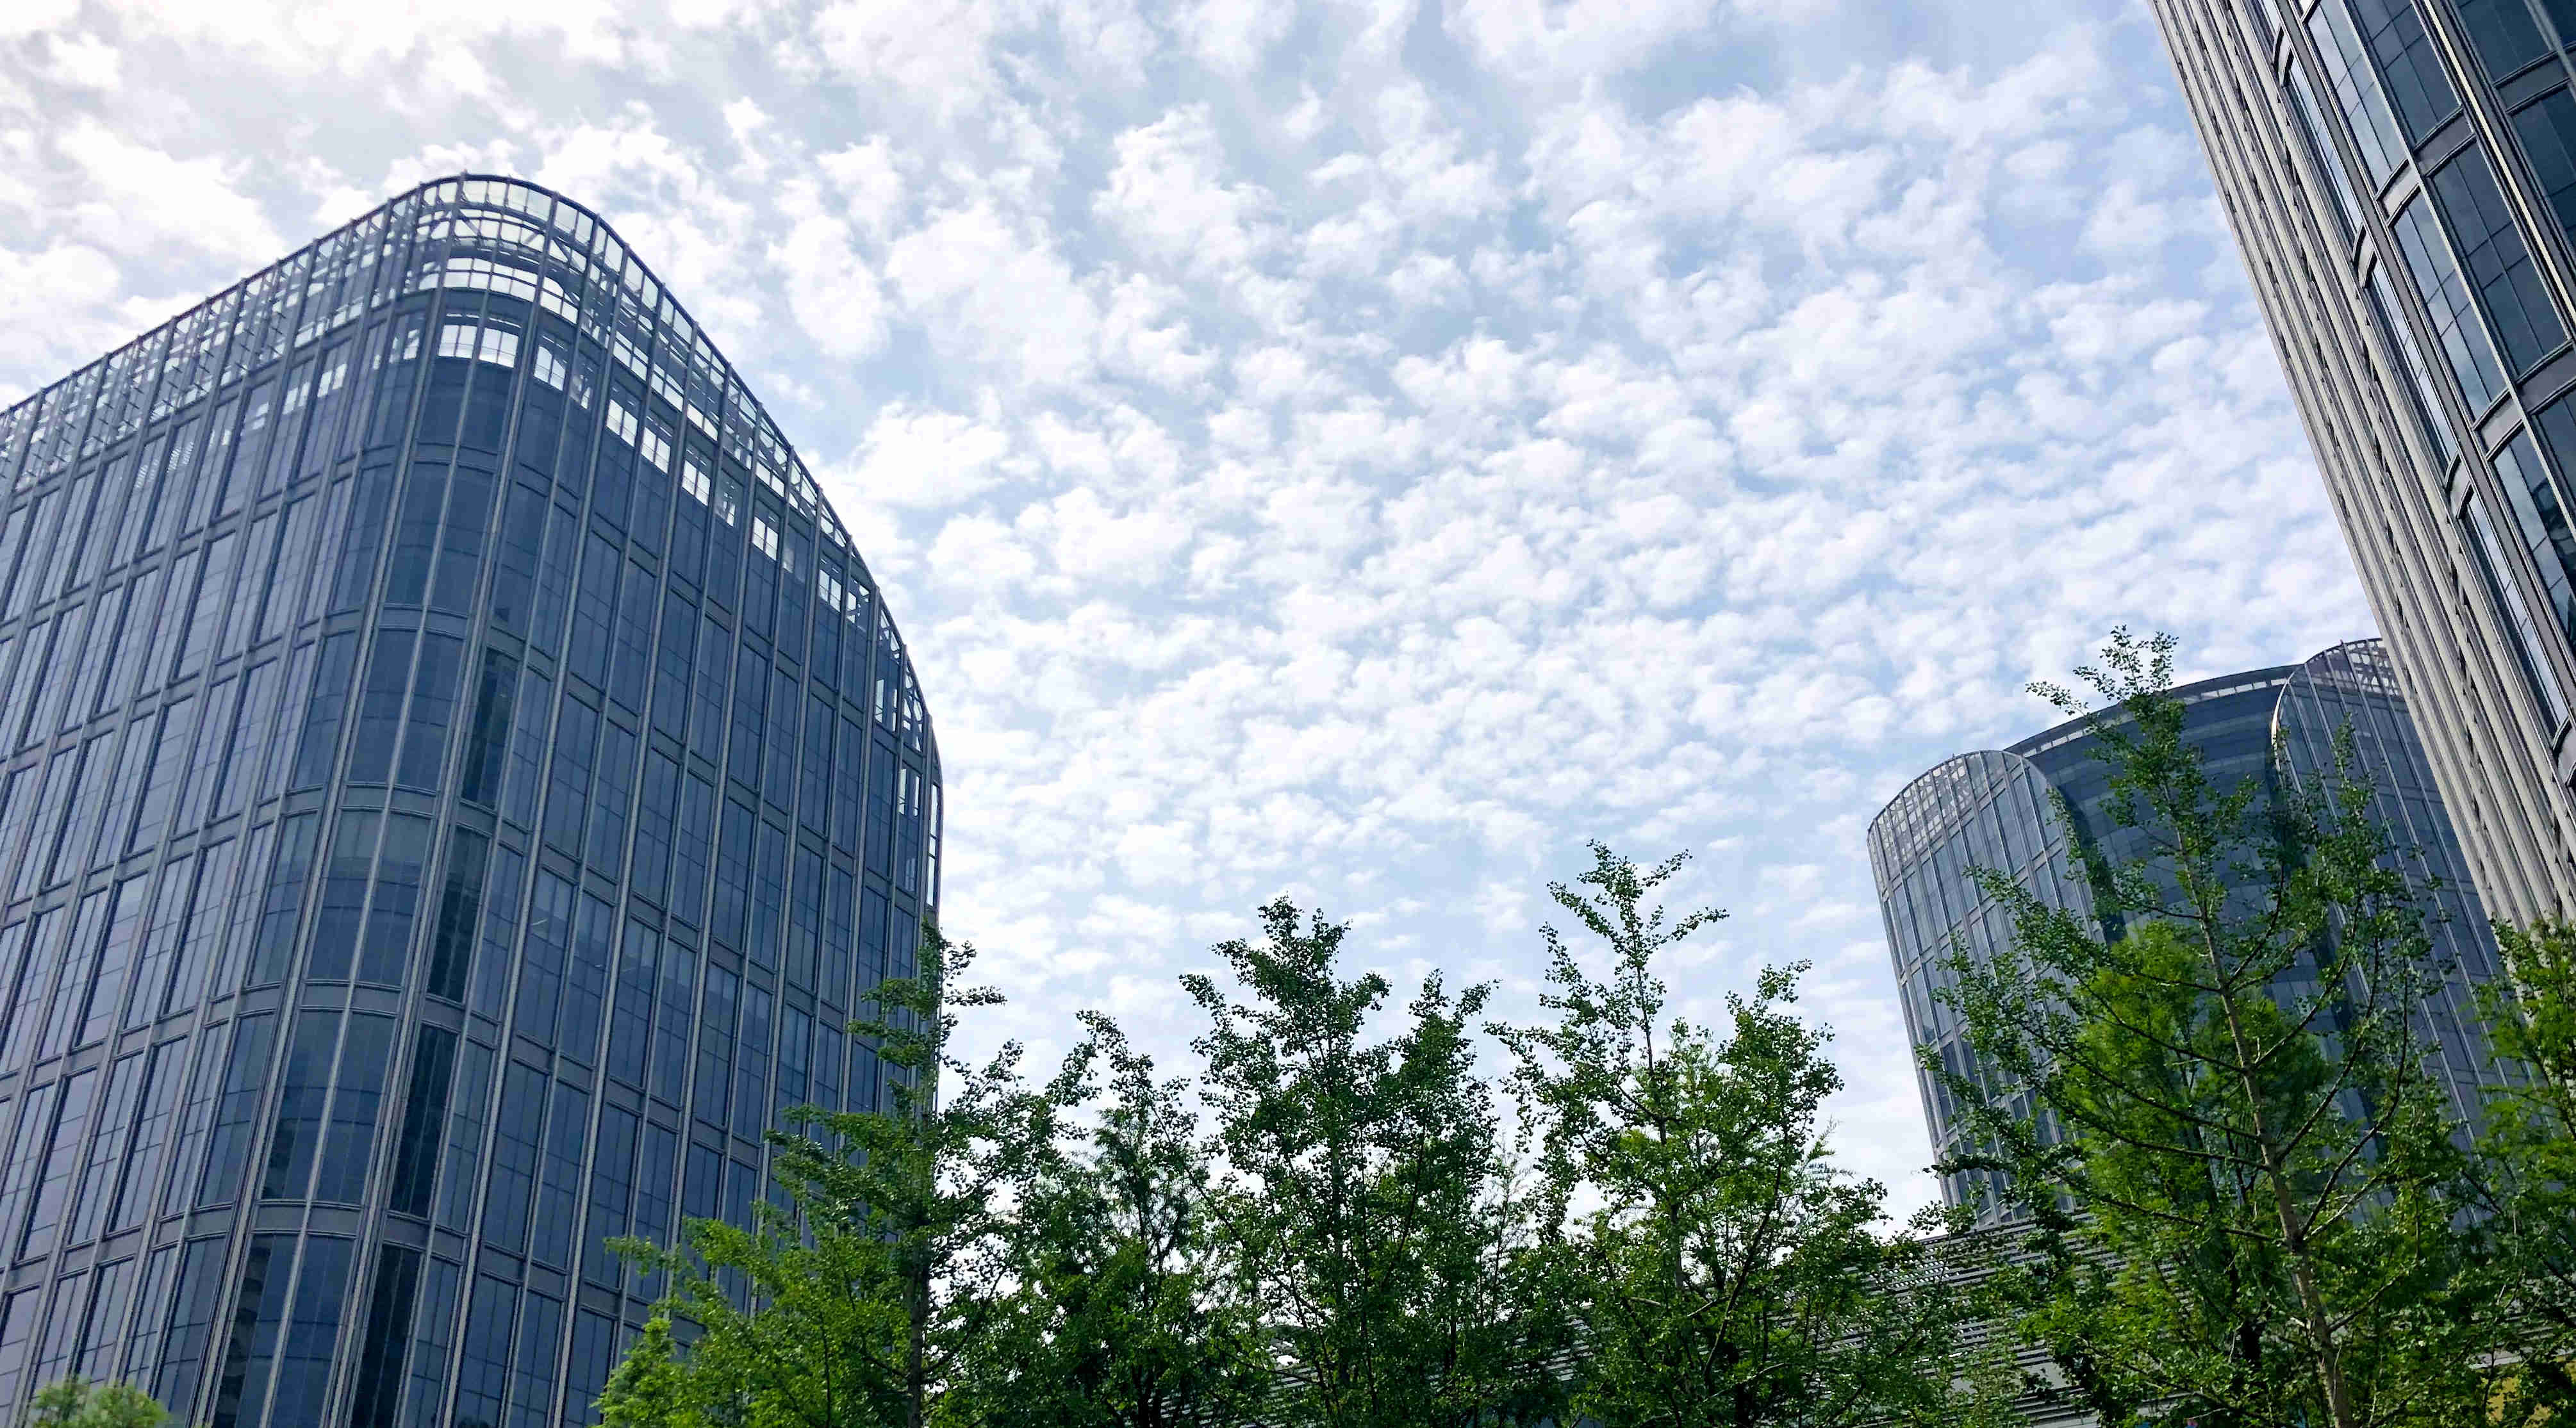 2021年5月份上海各区办公物业租赁市场热力指数TOP10